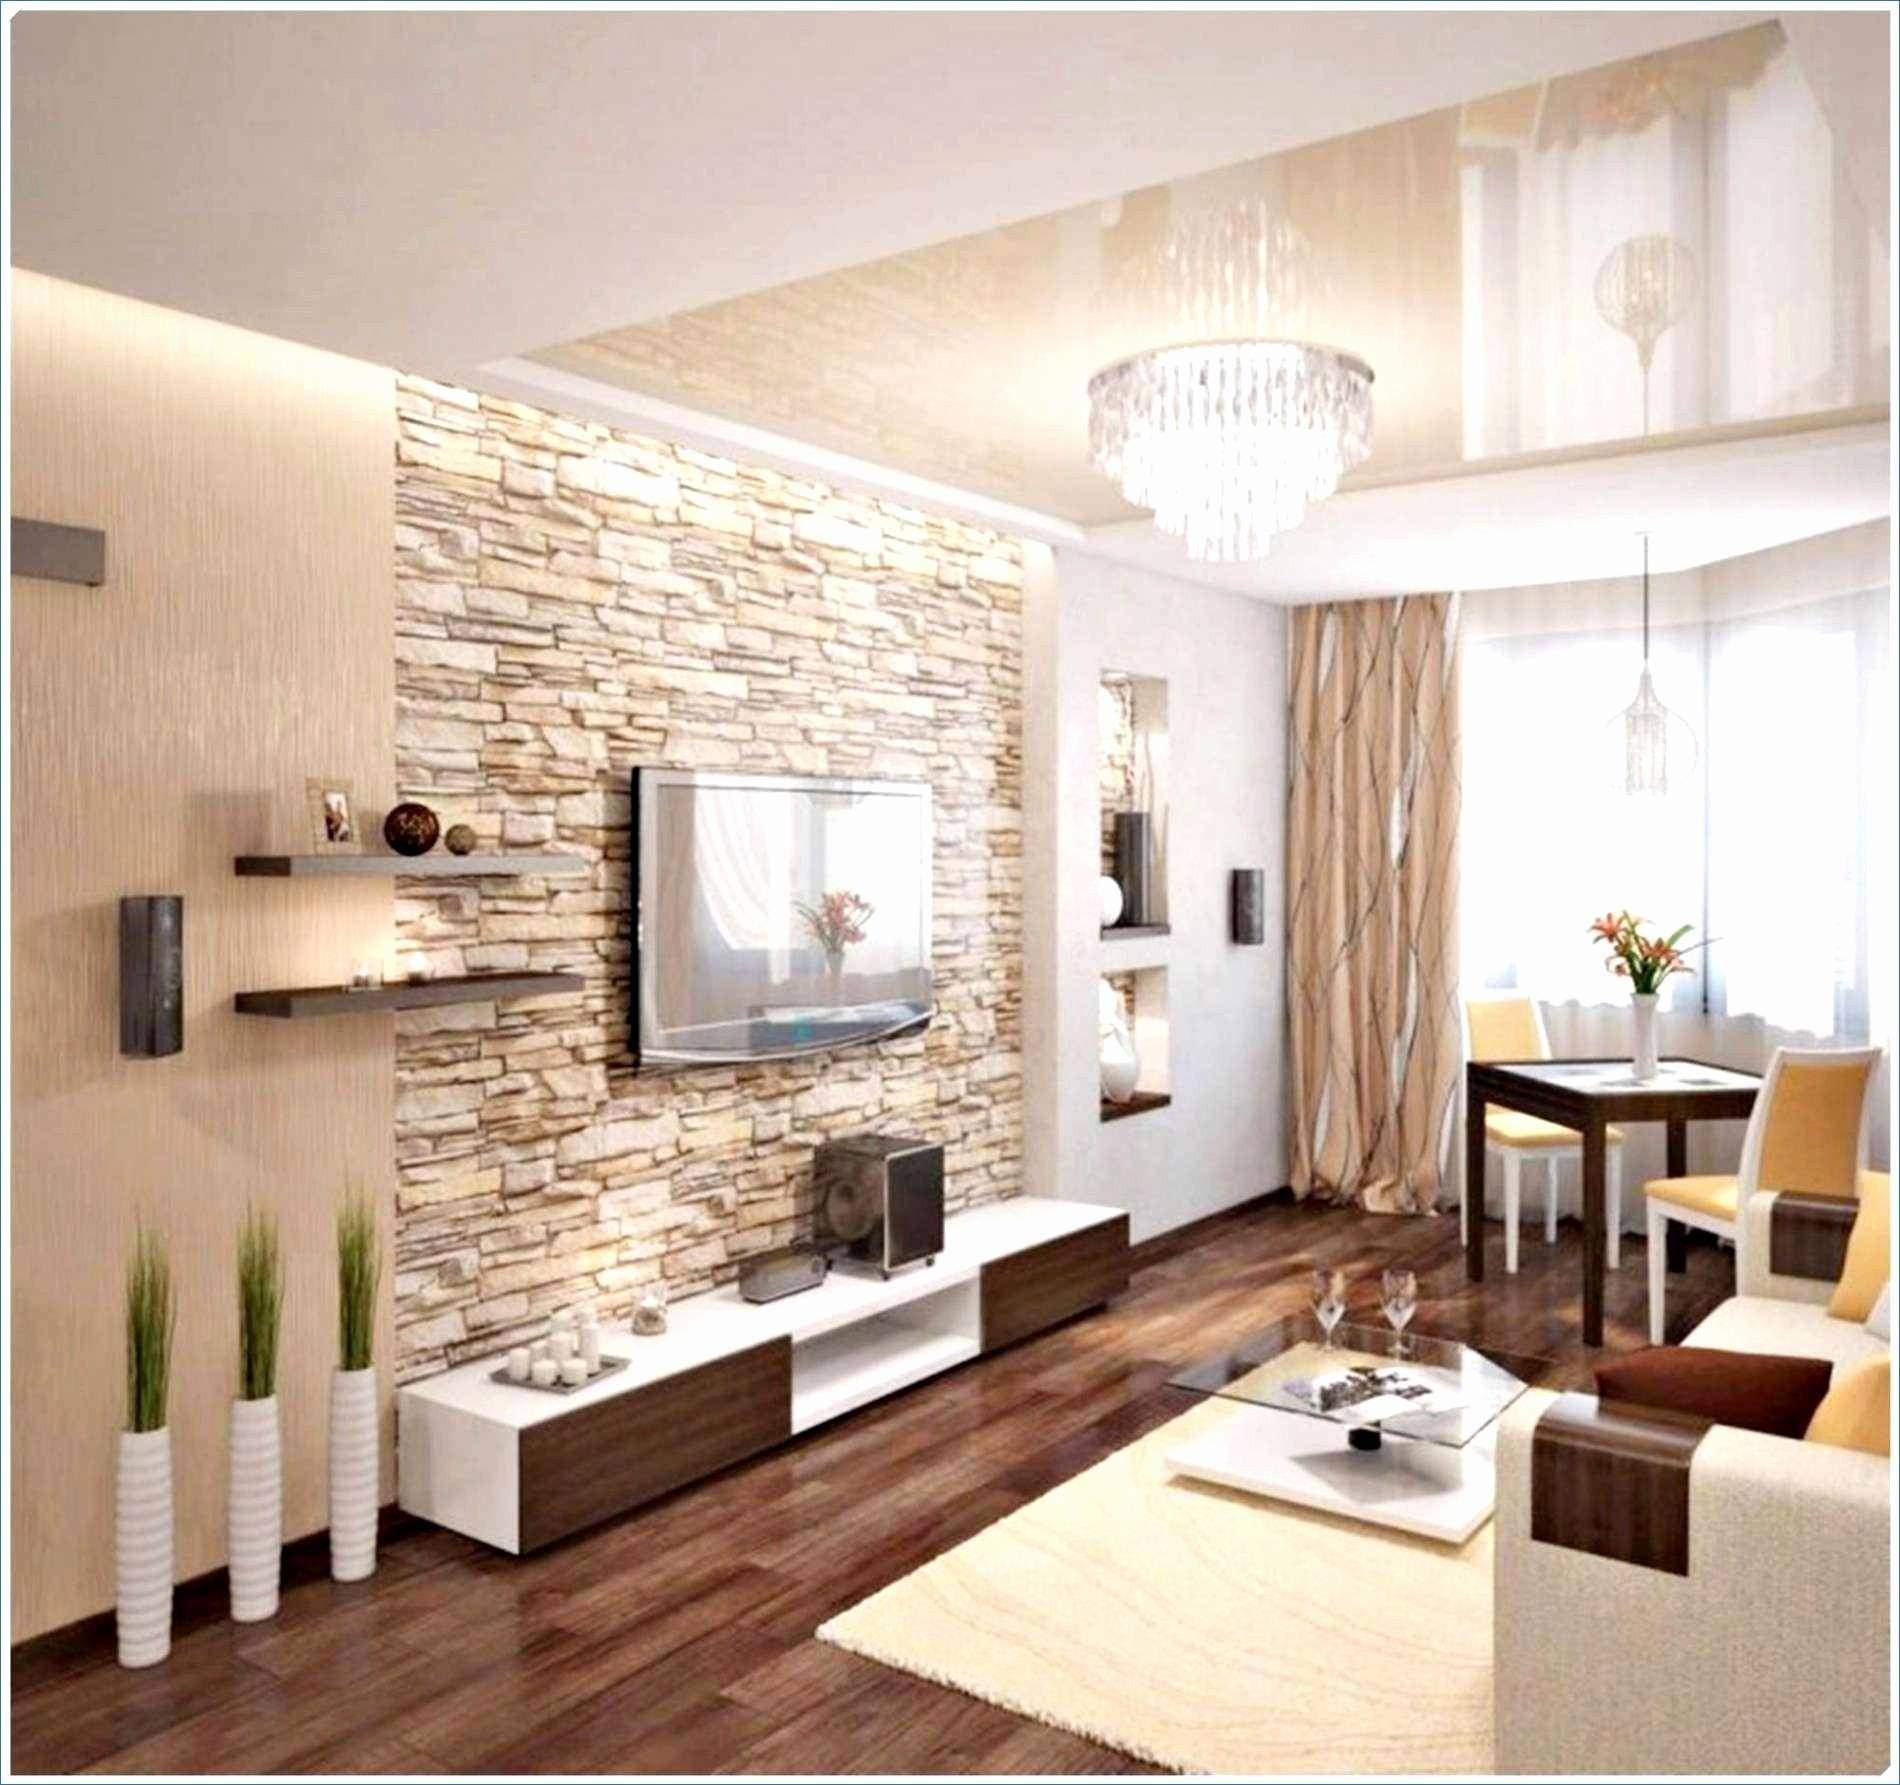 Full Size of Deckenlampen Ideen Schlafzimmer Deckenlampe Wohnzimmer Deckenleuchten Einzigartig Tapeten Für Bad Renovieren Modern Wohnzimmer Deckenlampen Ideen